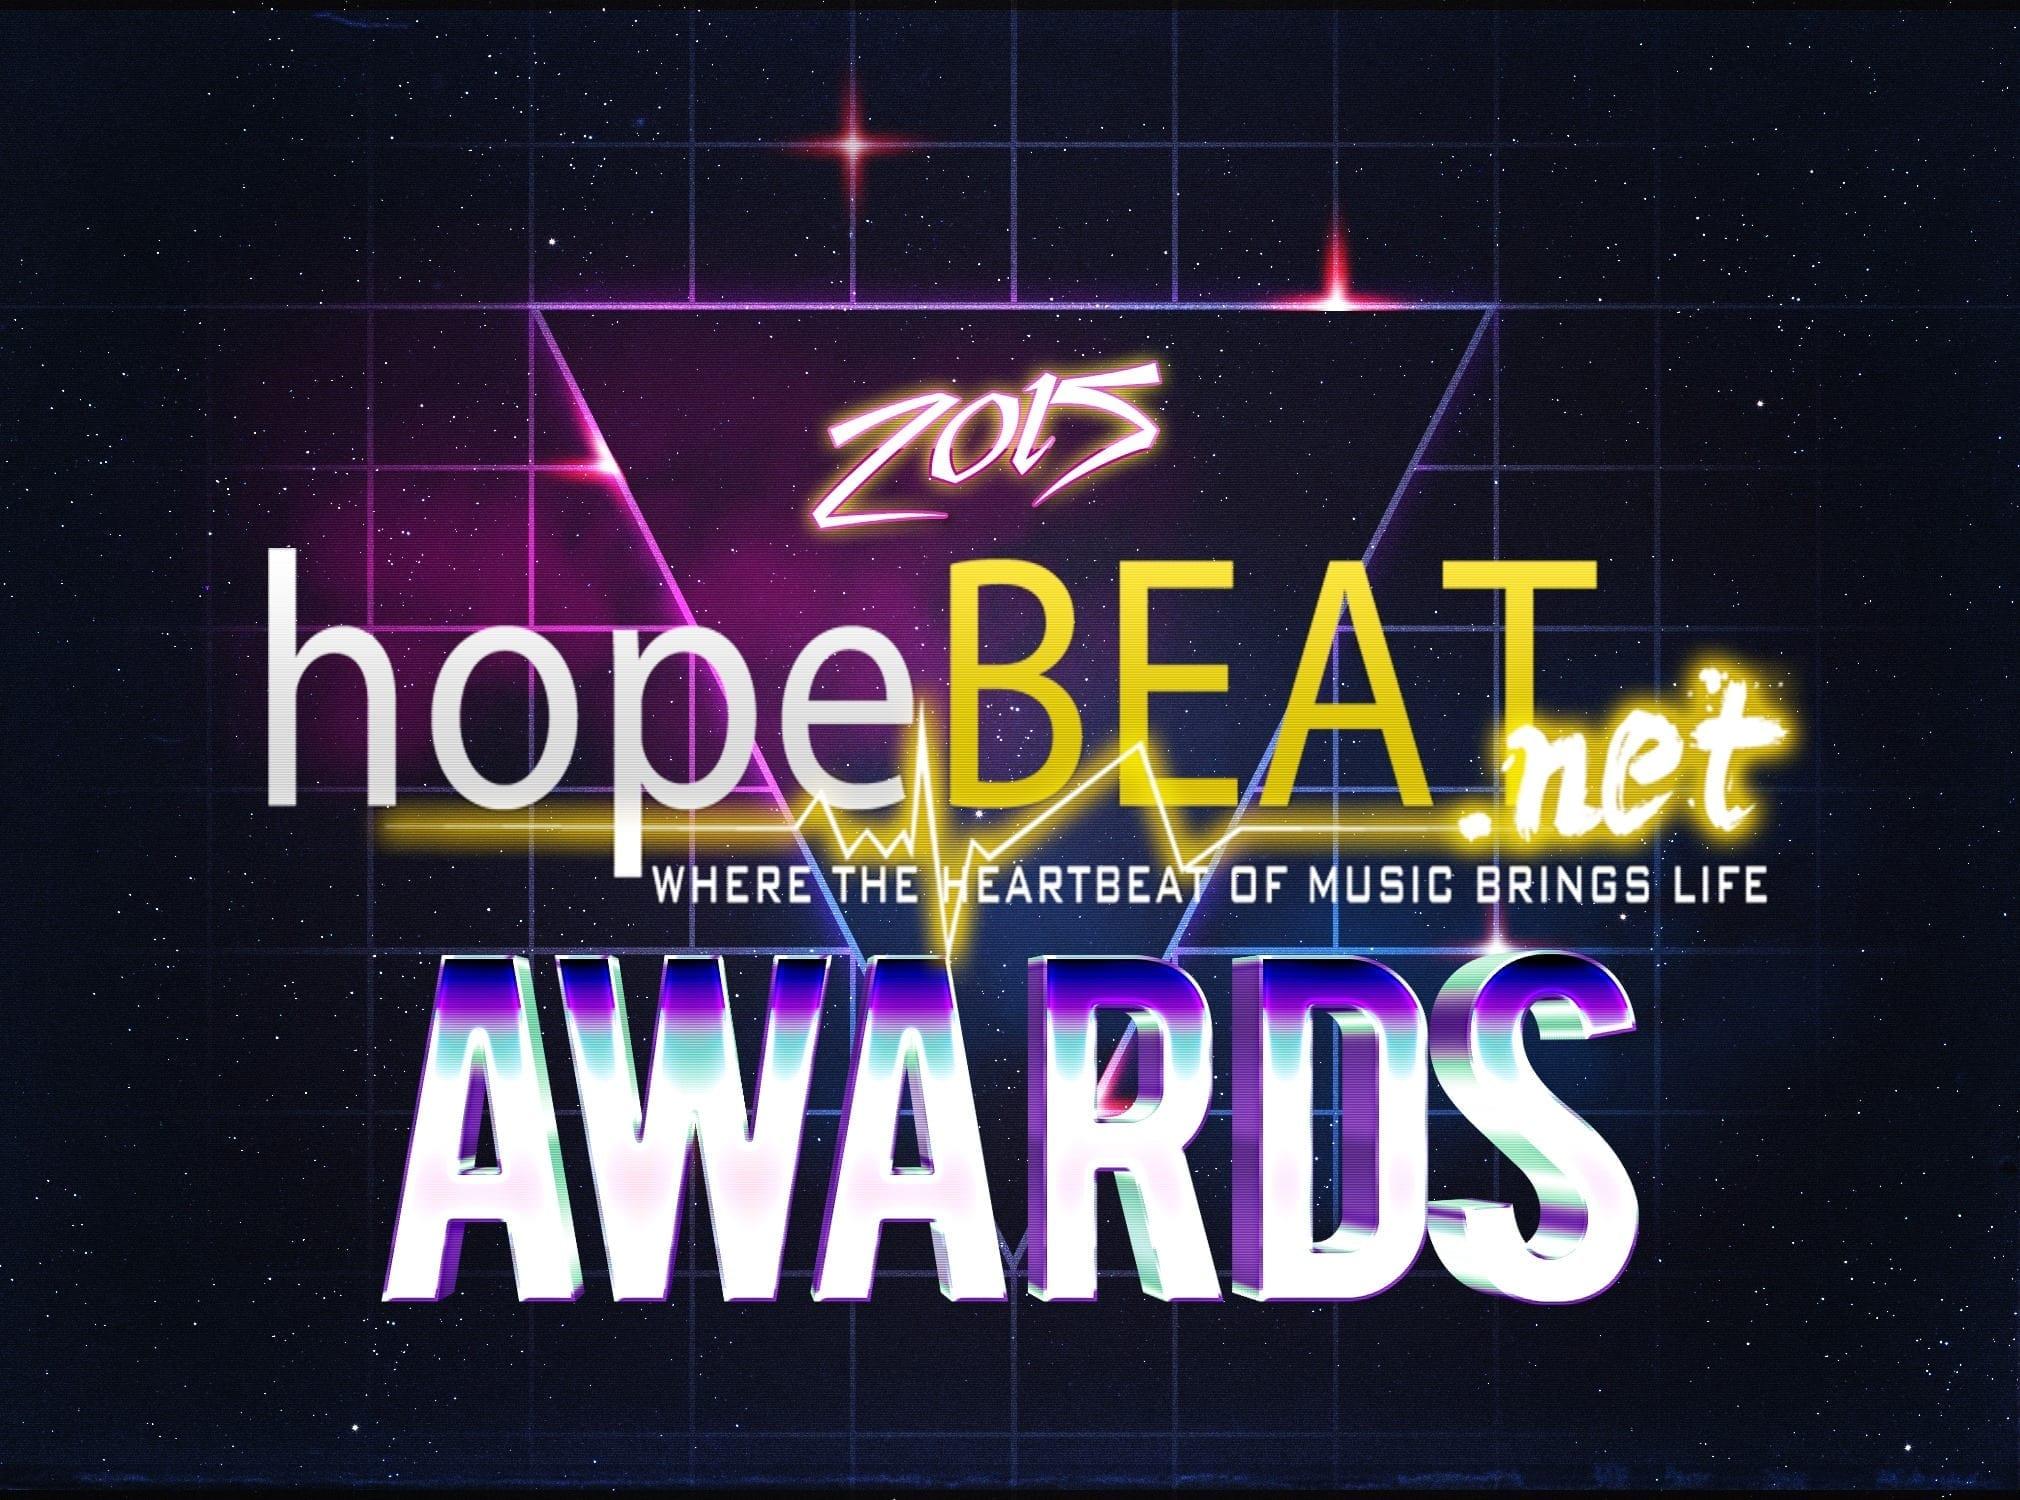 2015 HopeBEAT Awards